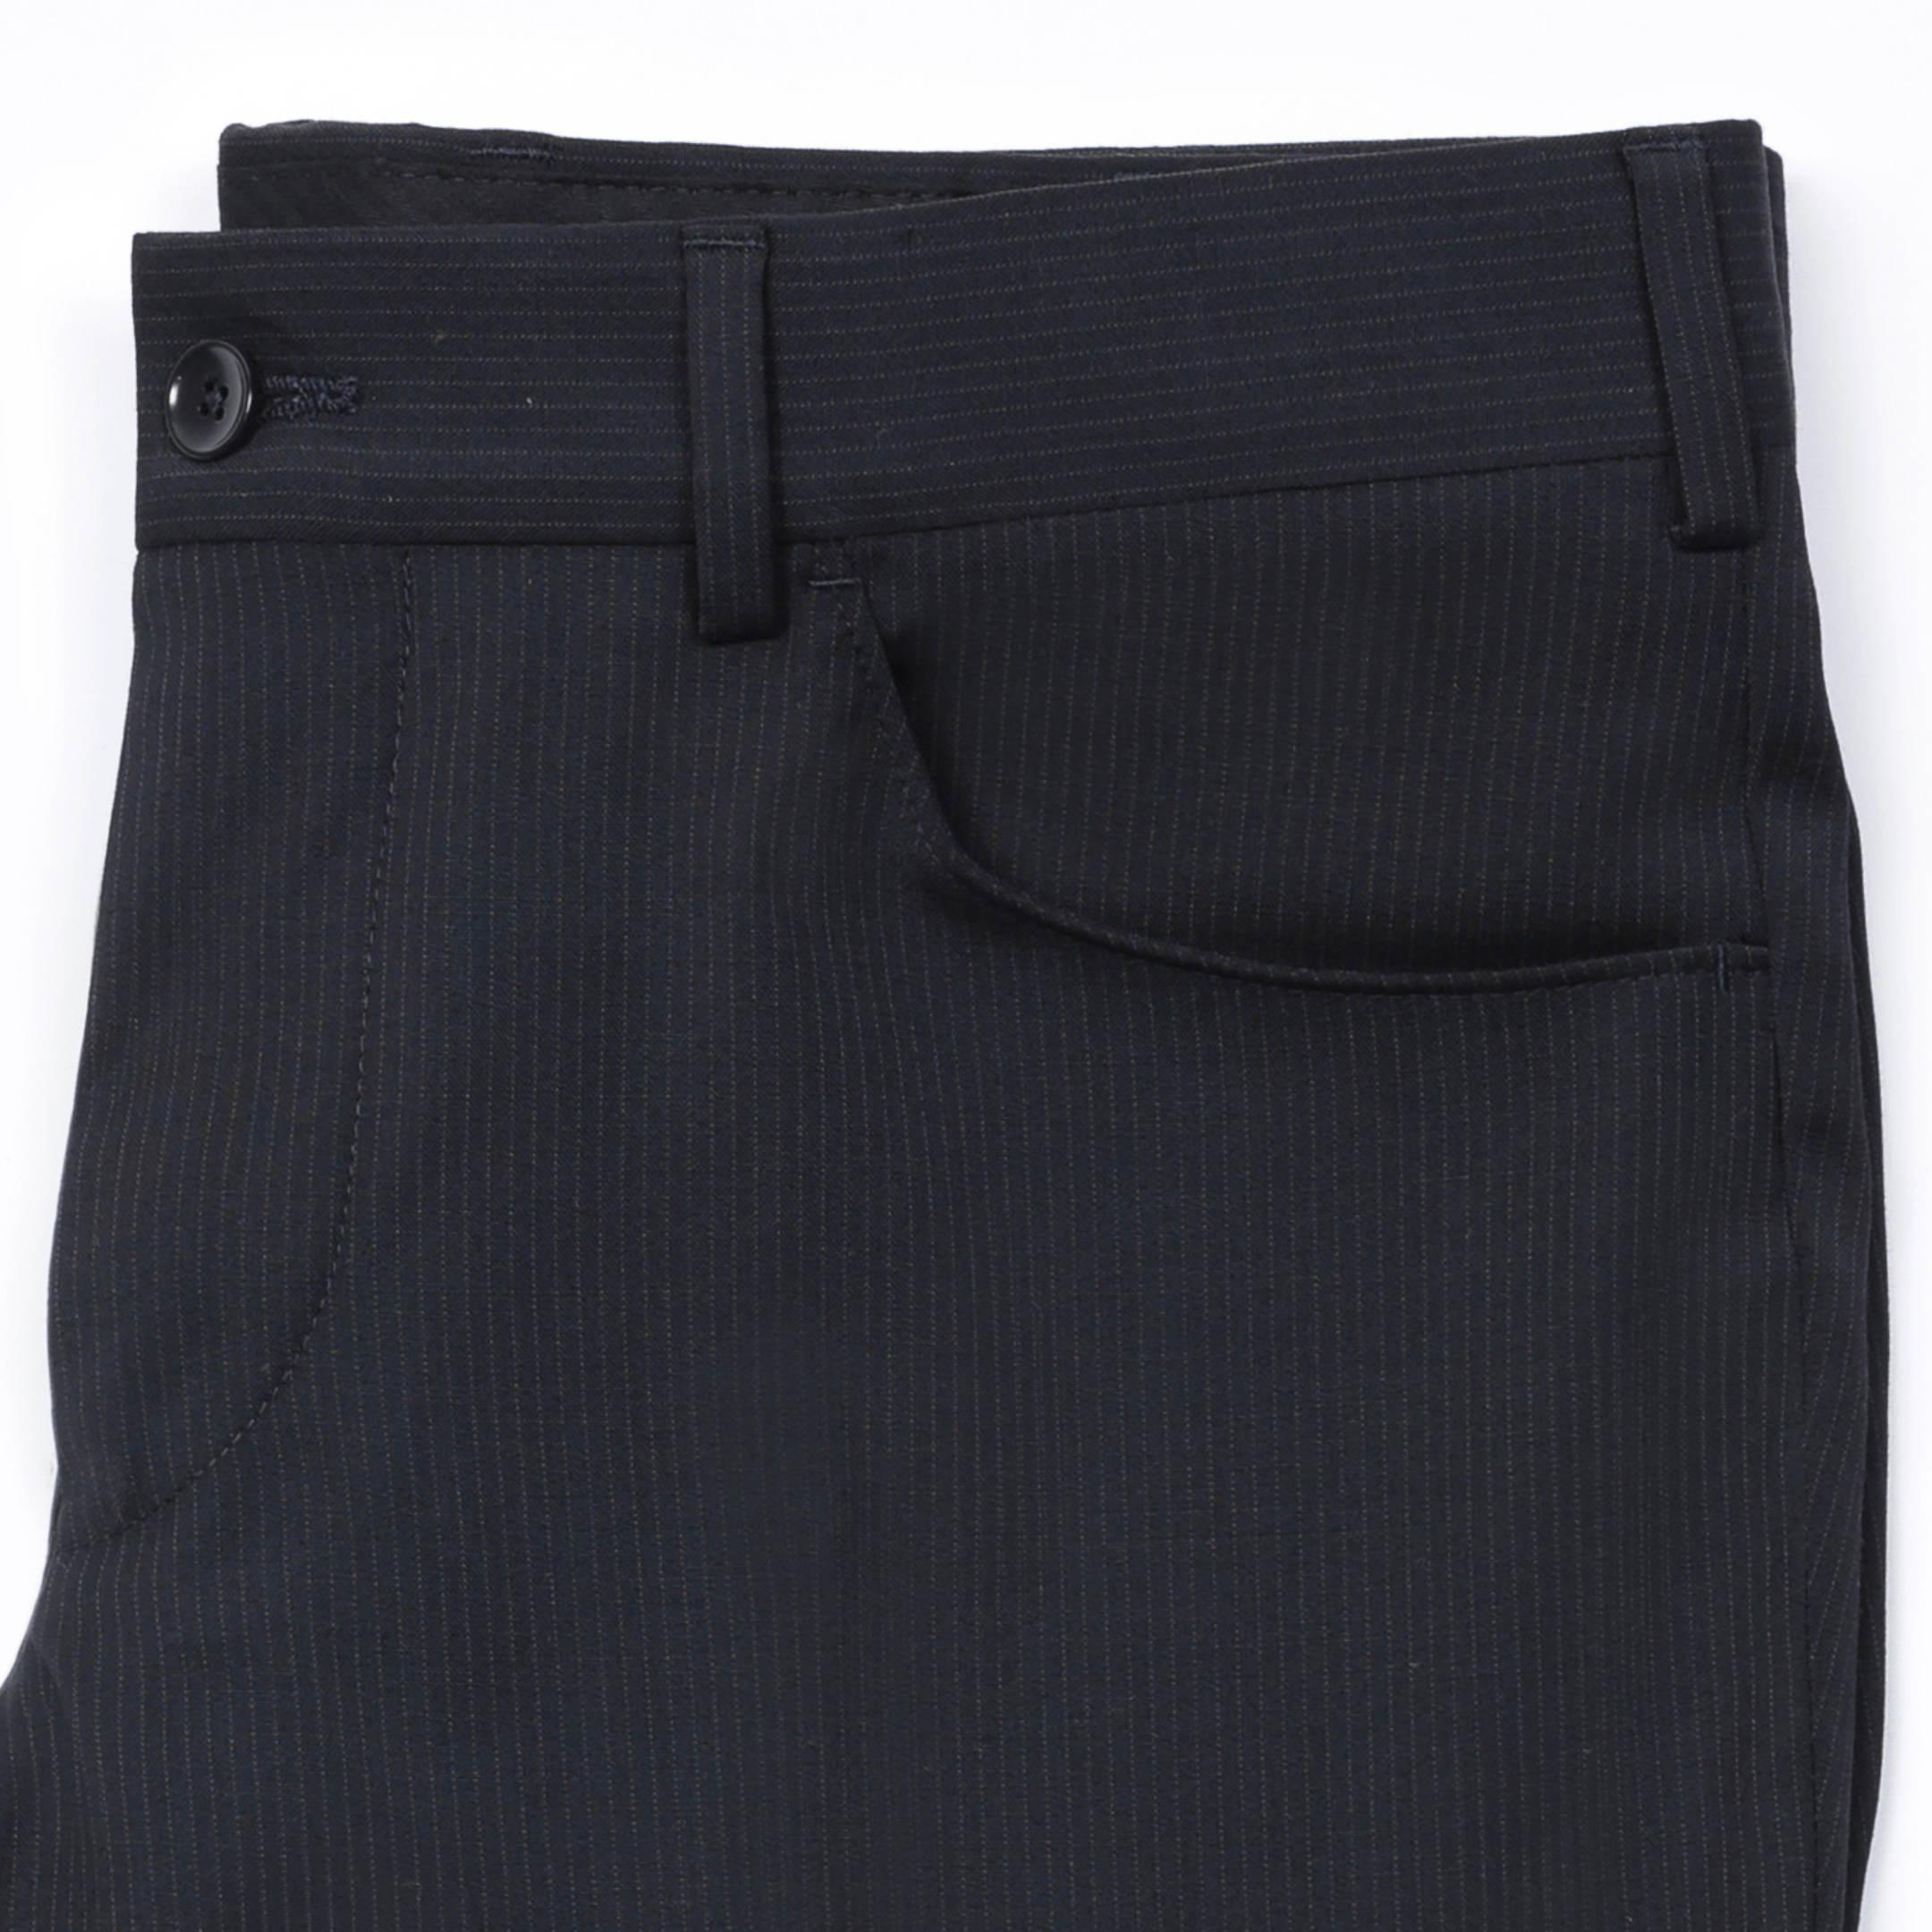 pantalon homme gris